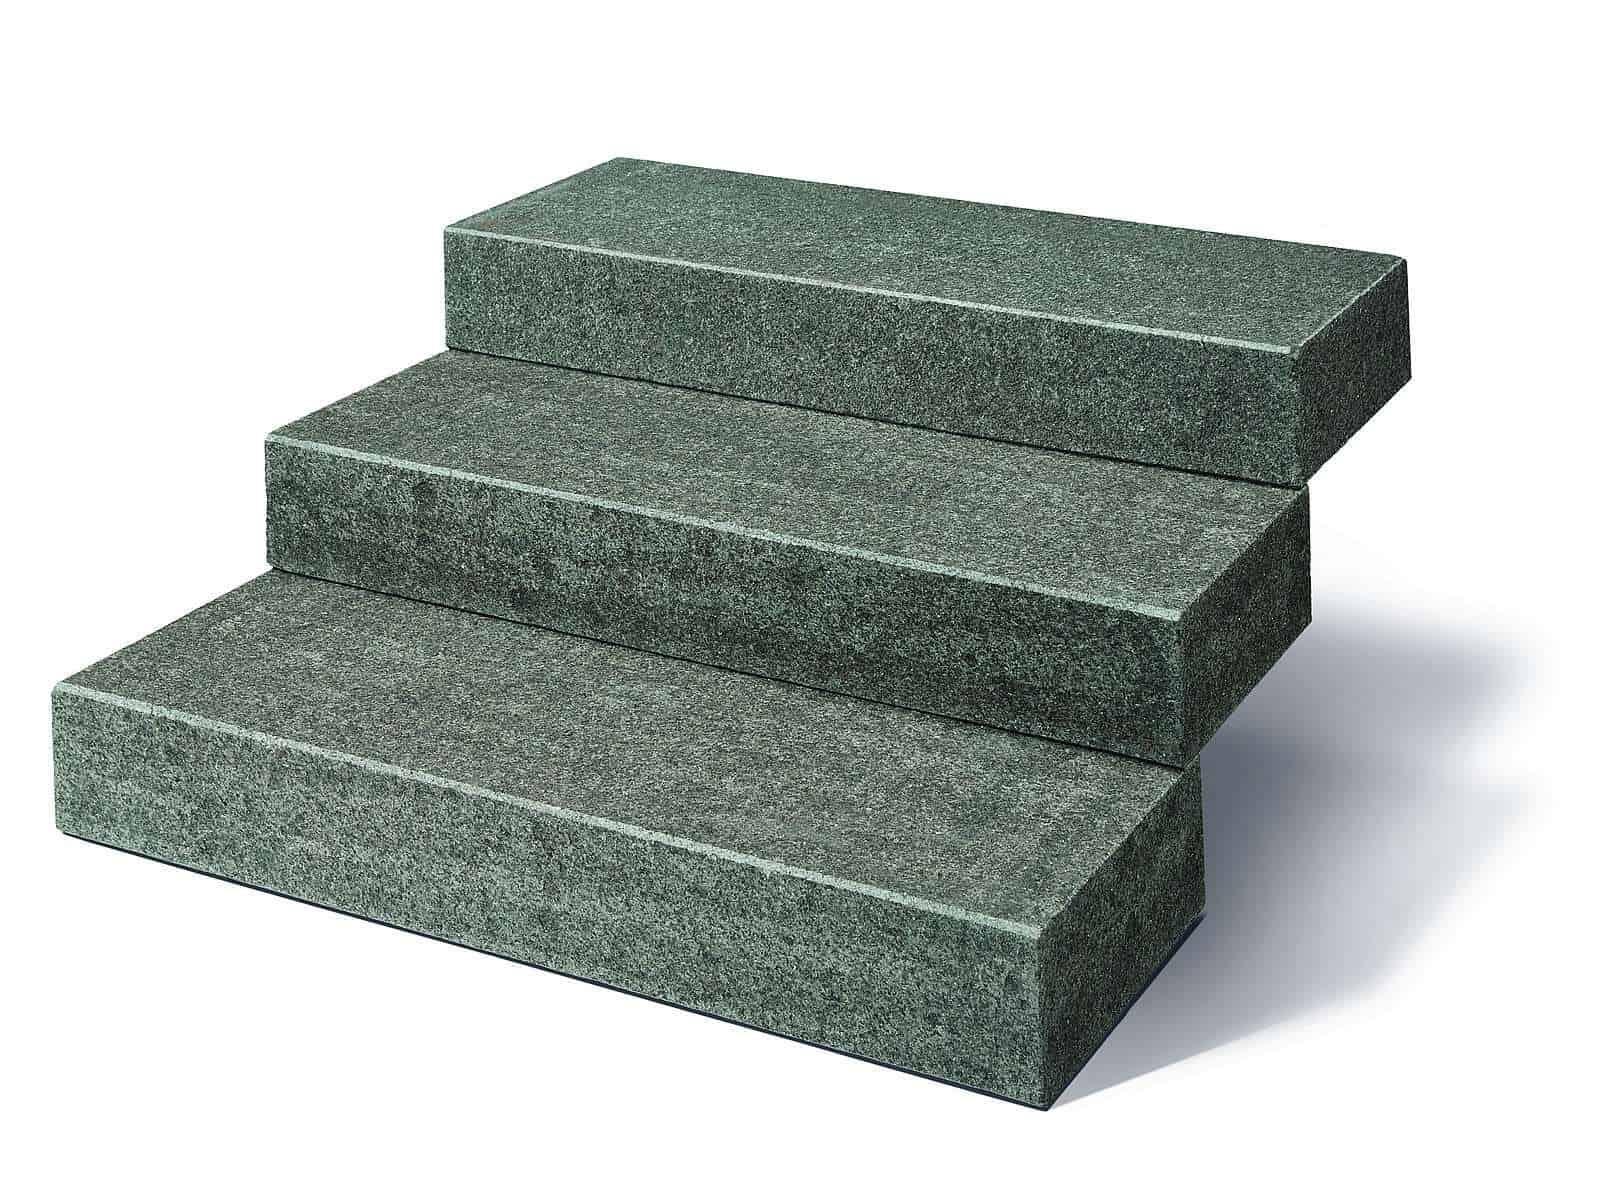 Blockstufe Granit Impala Black mit gesägt/geflammter Oberfläche in hochwertigem Impala Granit (Gabbro). Die Granitblockstufen sind absolut robust und pflegeleicht.